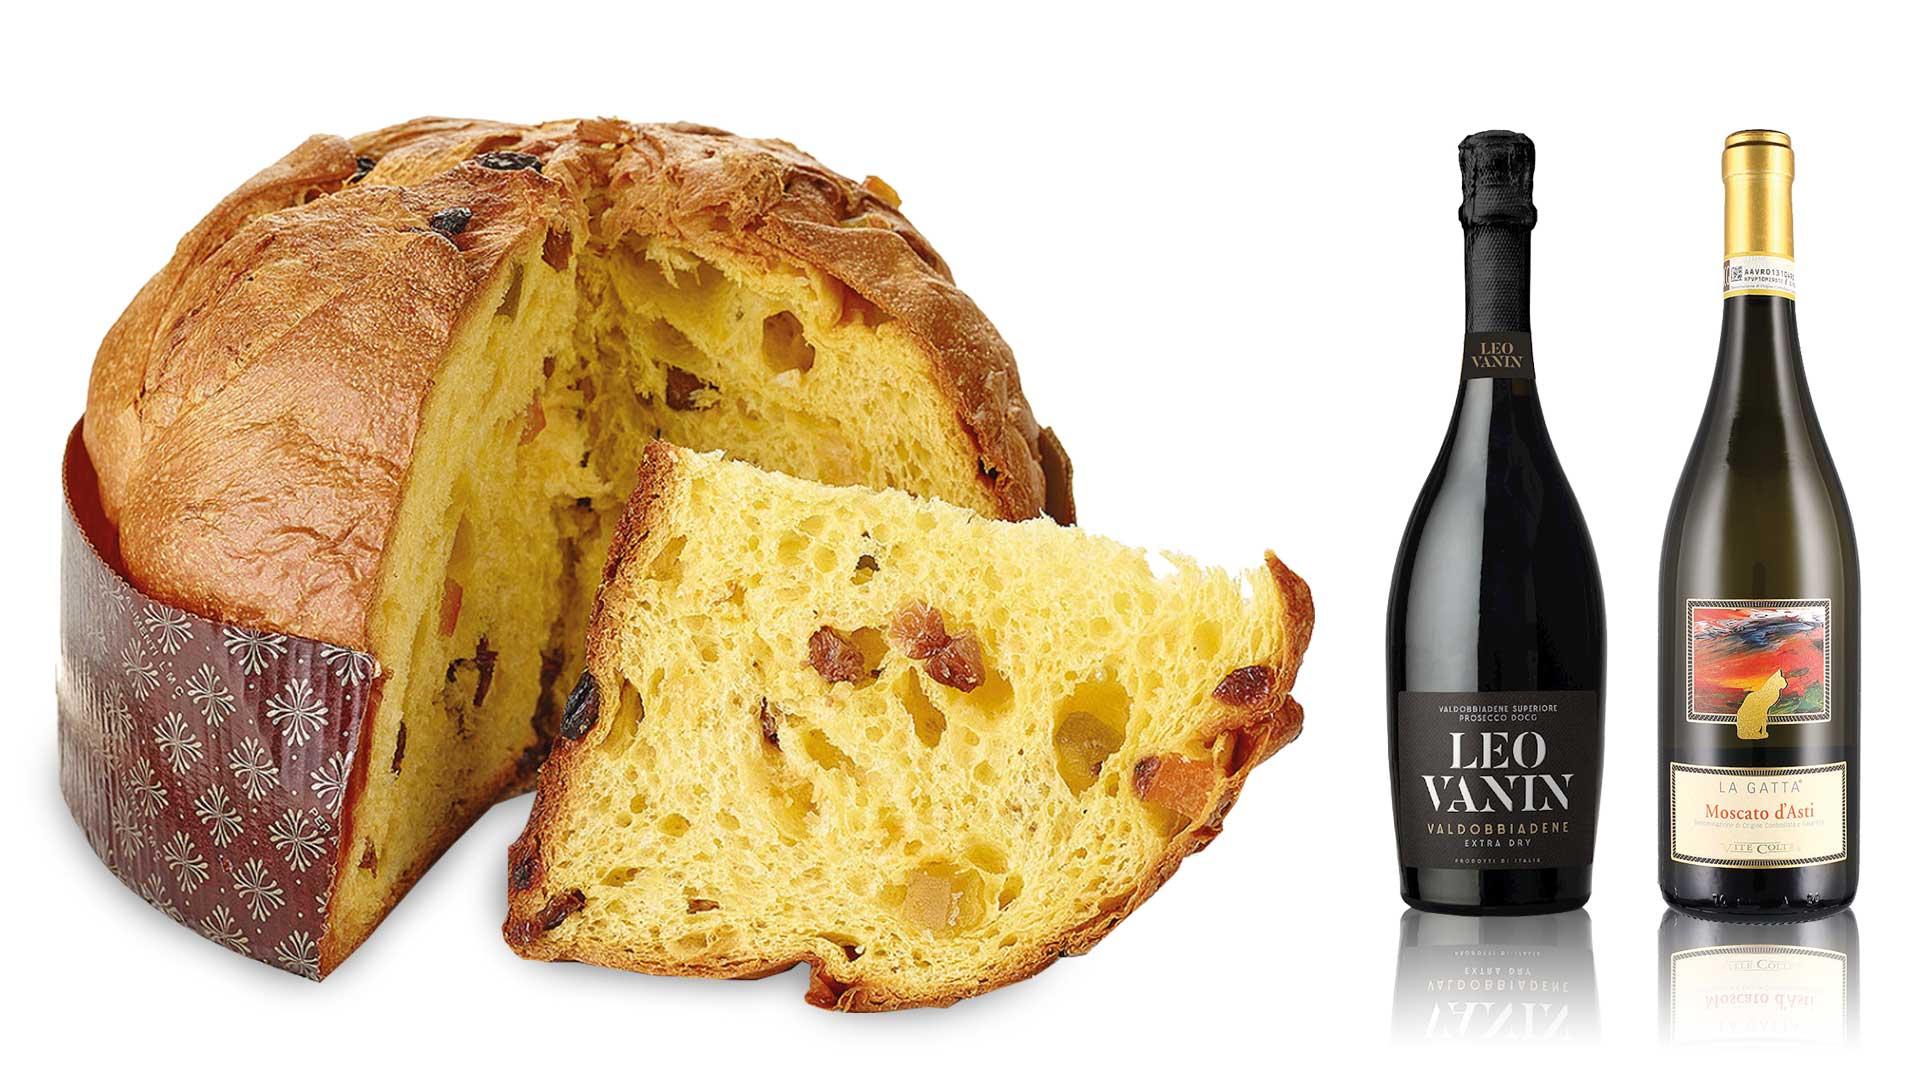 foodjoy-sweet-bakery-laboratorio-pasticceria-cantu-brioches-pasticcini-torte-caffe-degustazione-panettoni-001